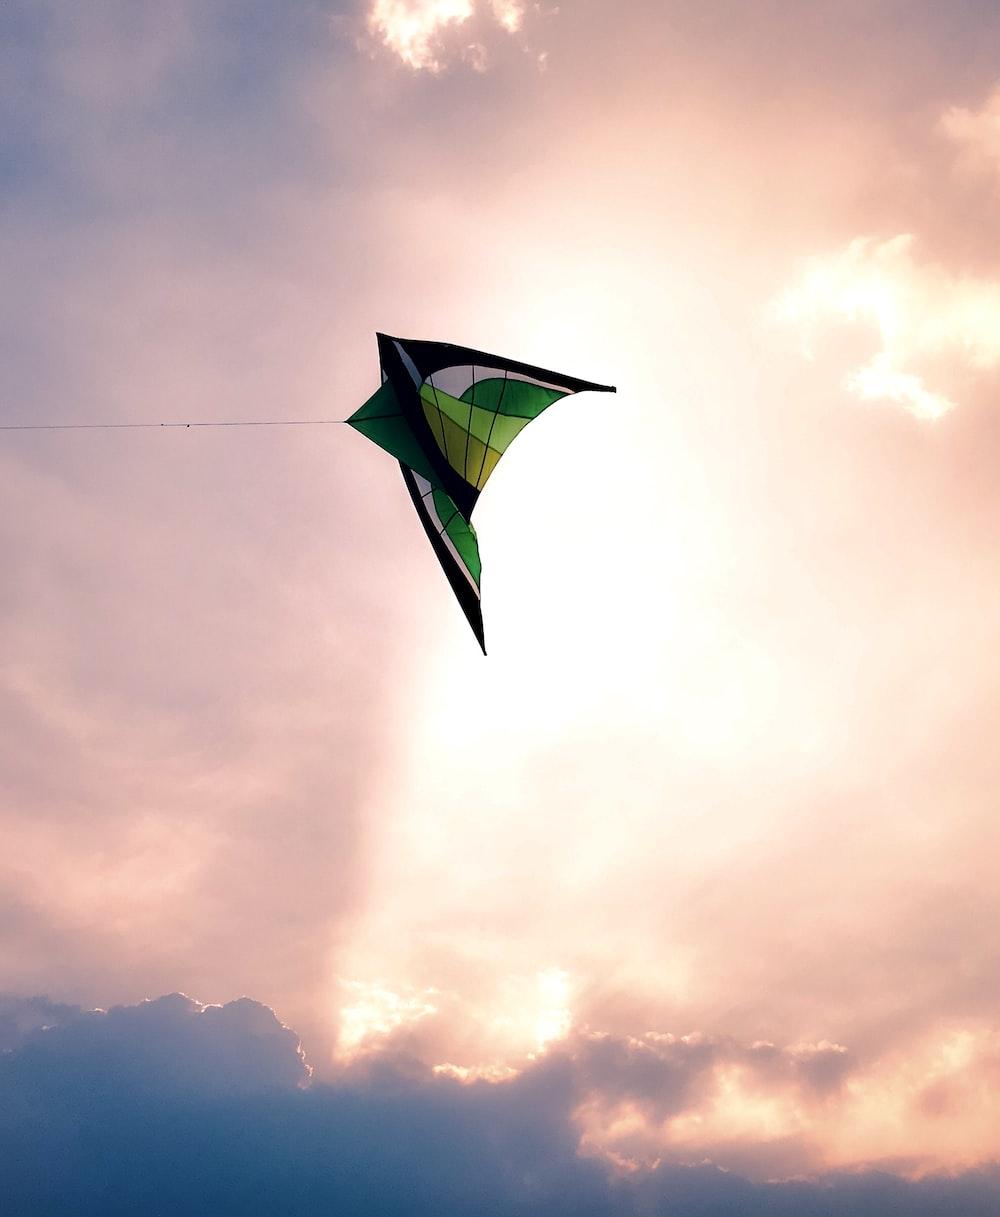 green umbrella on top of mountain